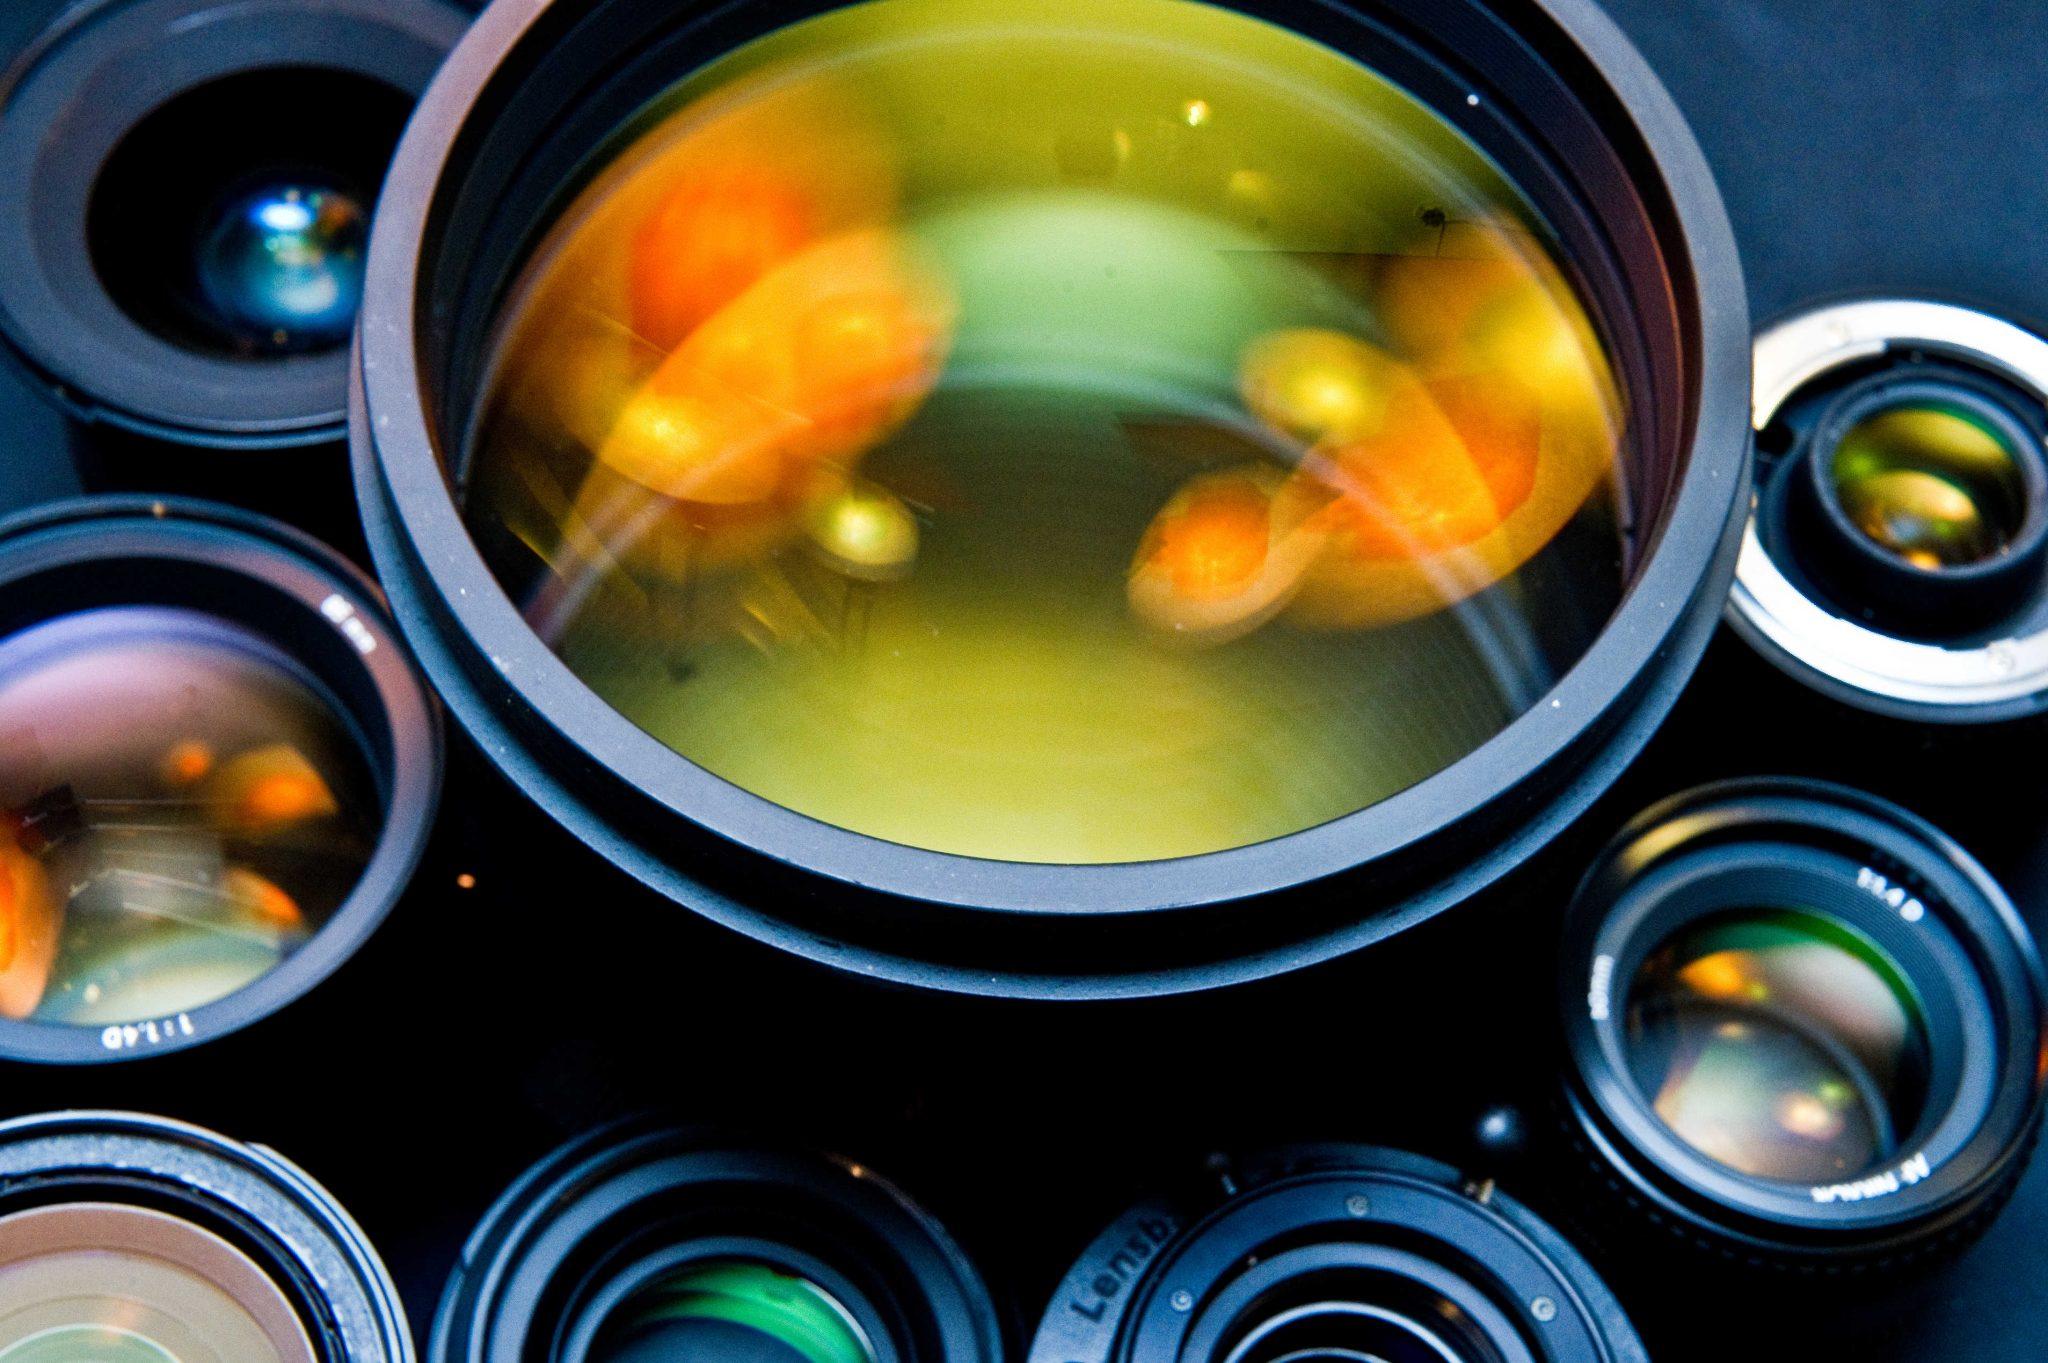 Accesorios para fotografía de estudio